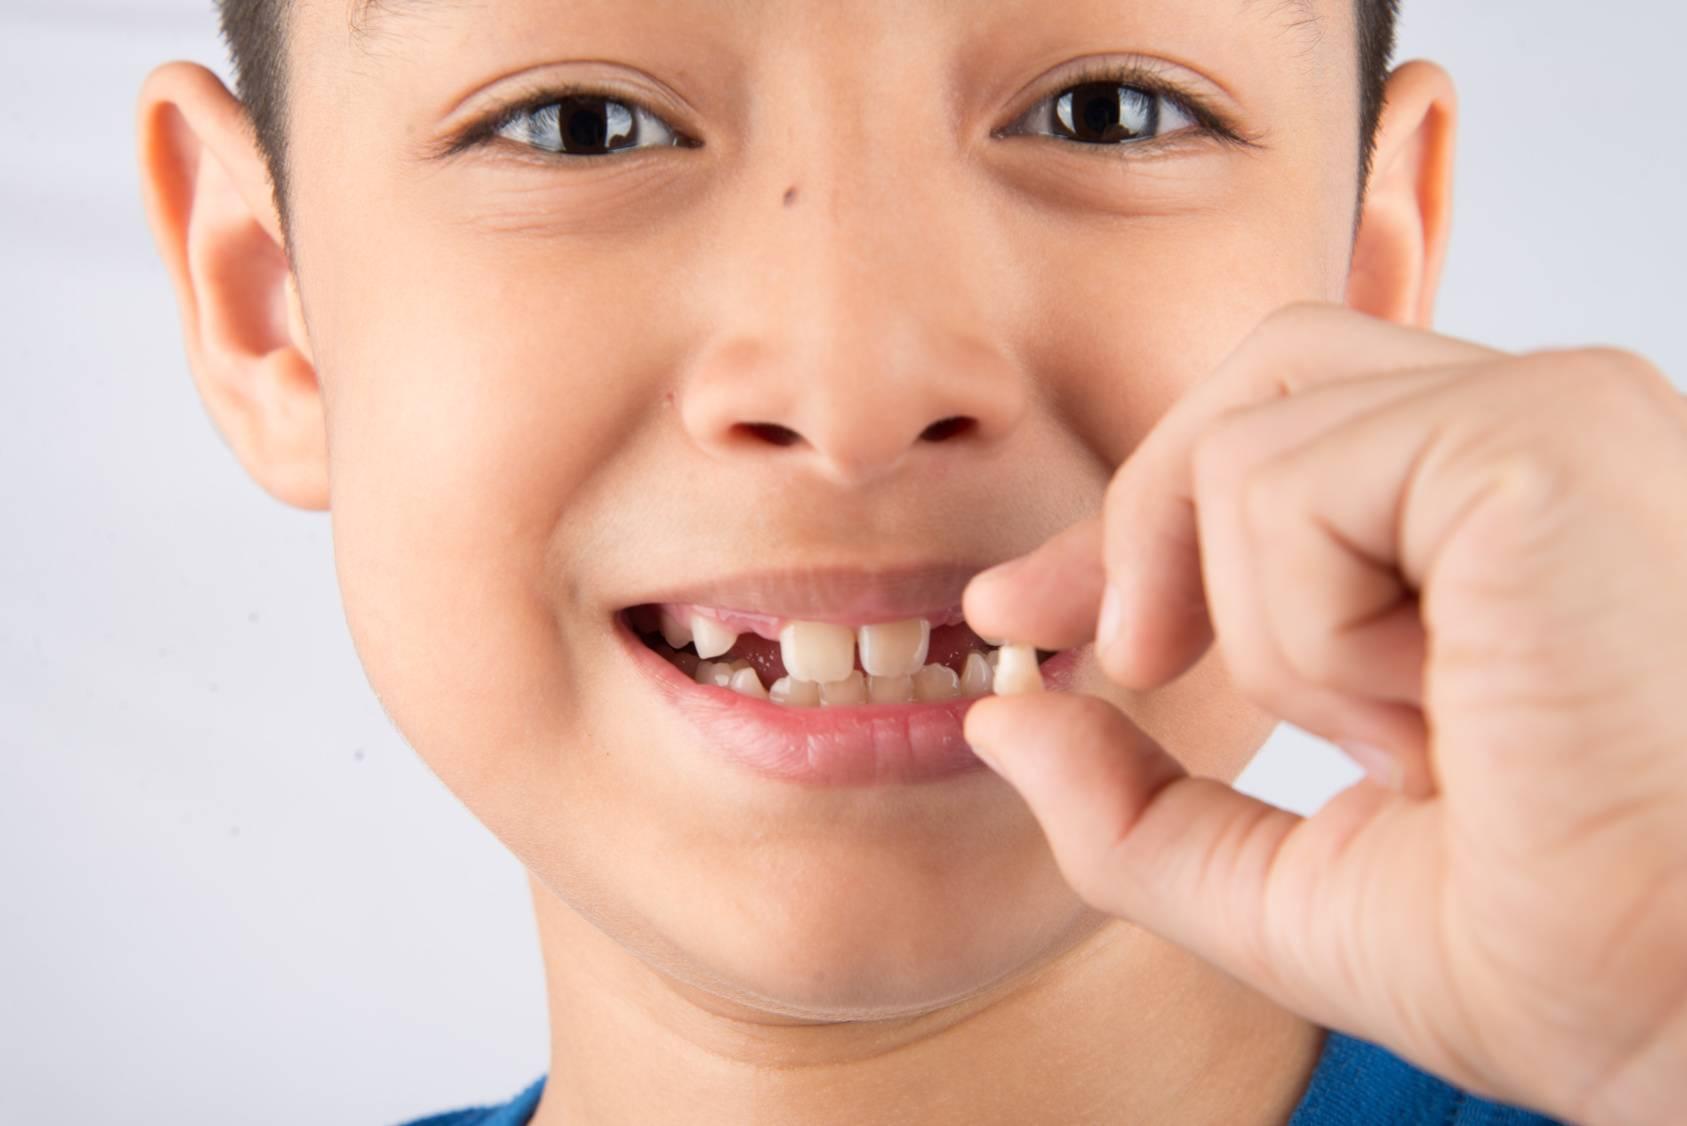 Стоит ли переживать, если молочный зуб выпал, а новый не растет